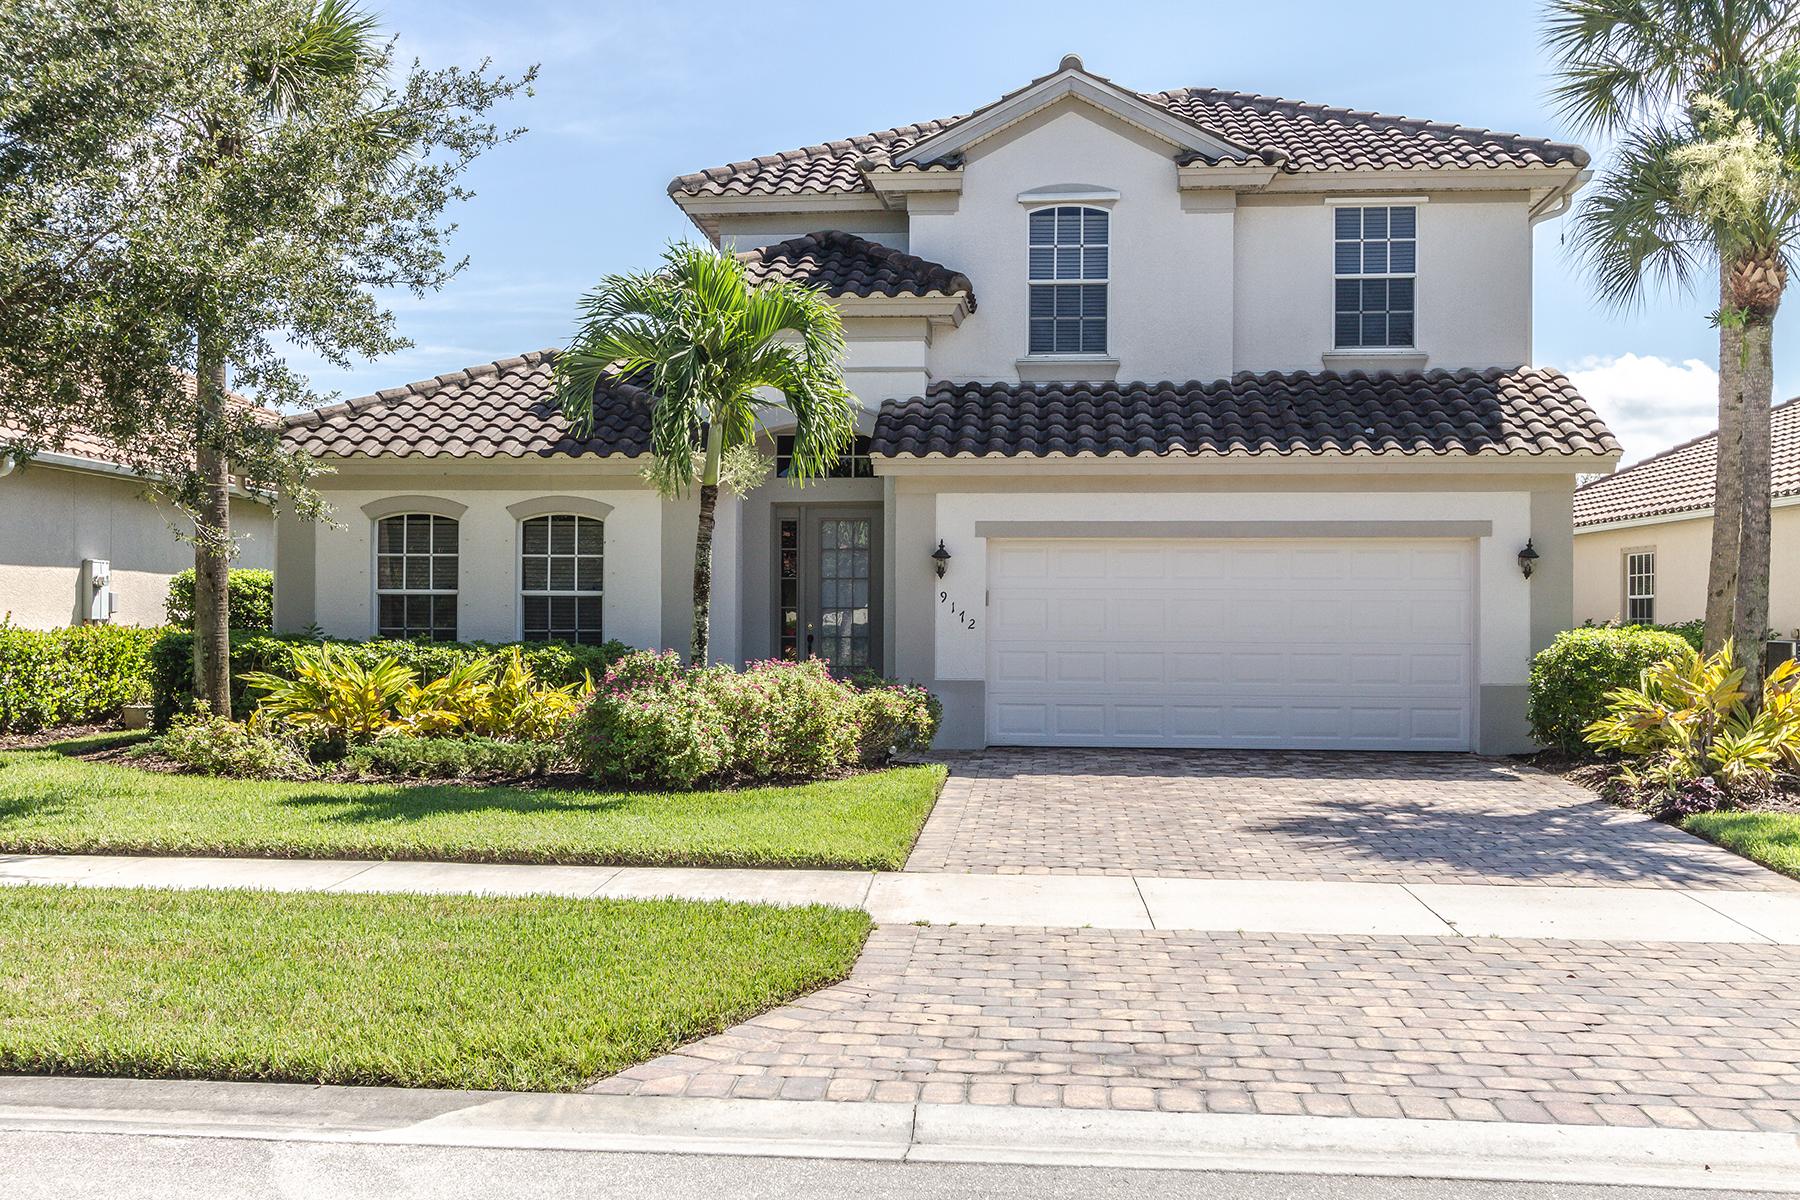 Maison unifamiliale pour l Vente à THE QUARRY - THE SHALLOWS 9172 Quartz Ln Naples, Florida, 34120 États-Unis